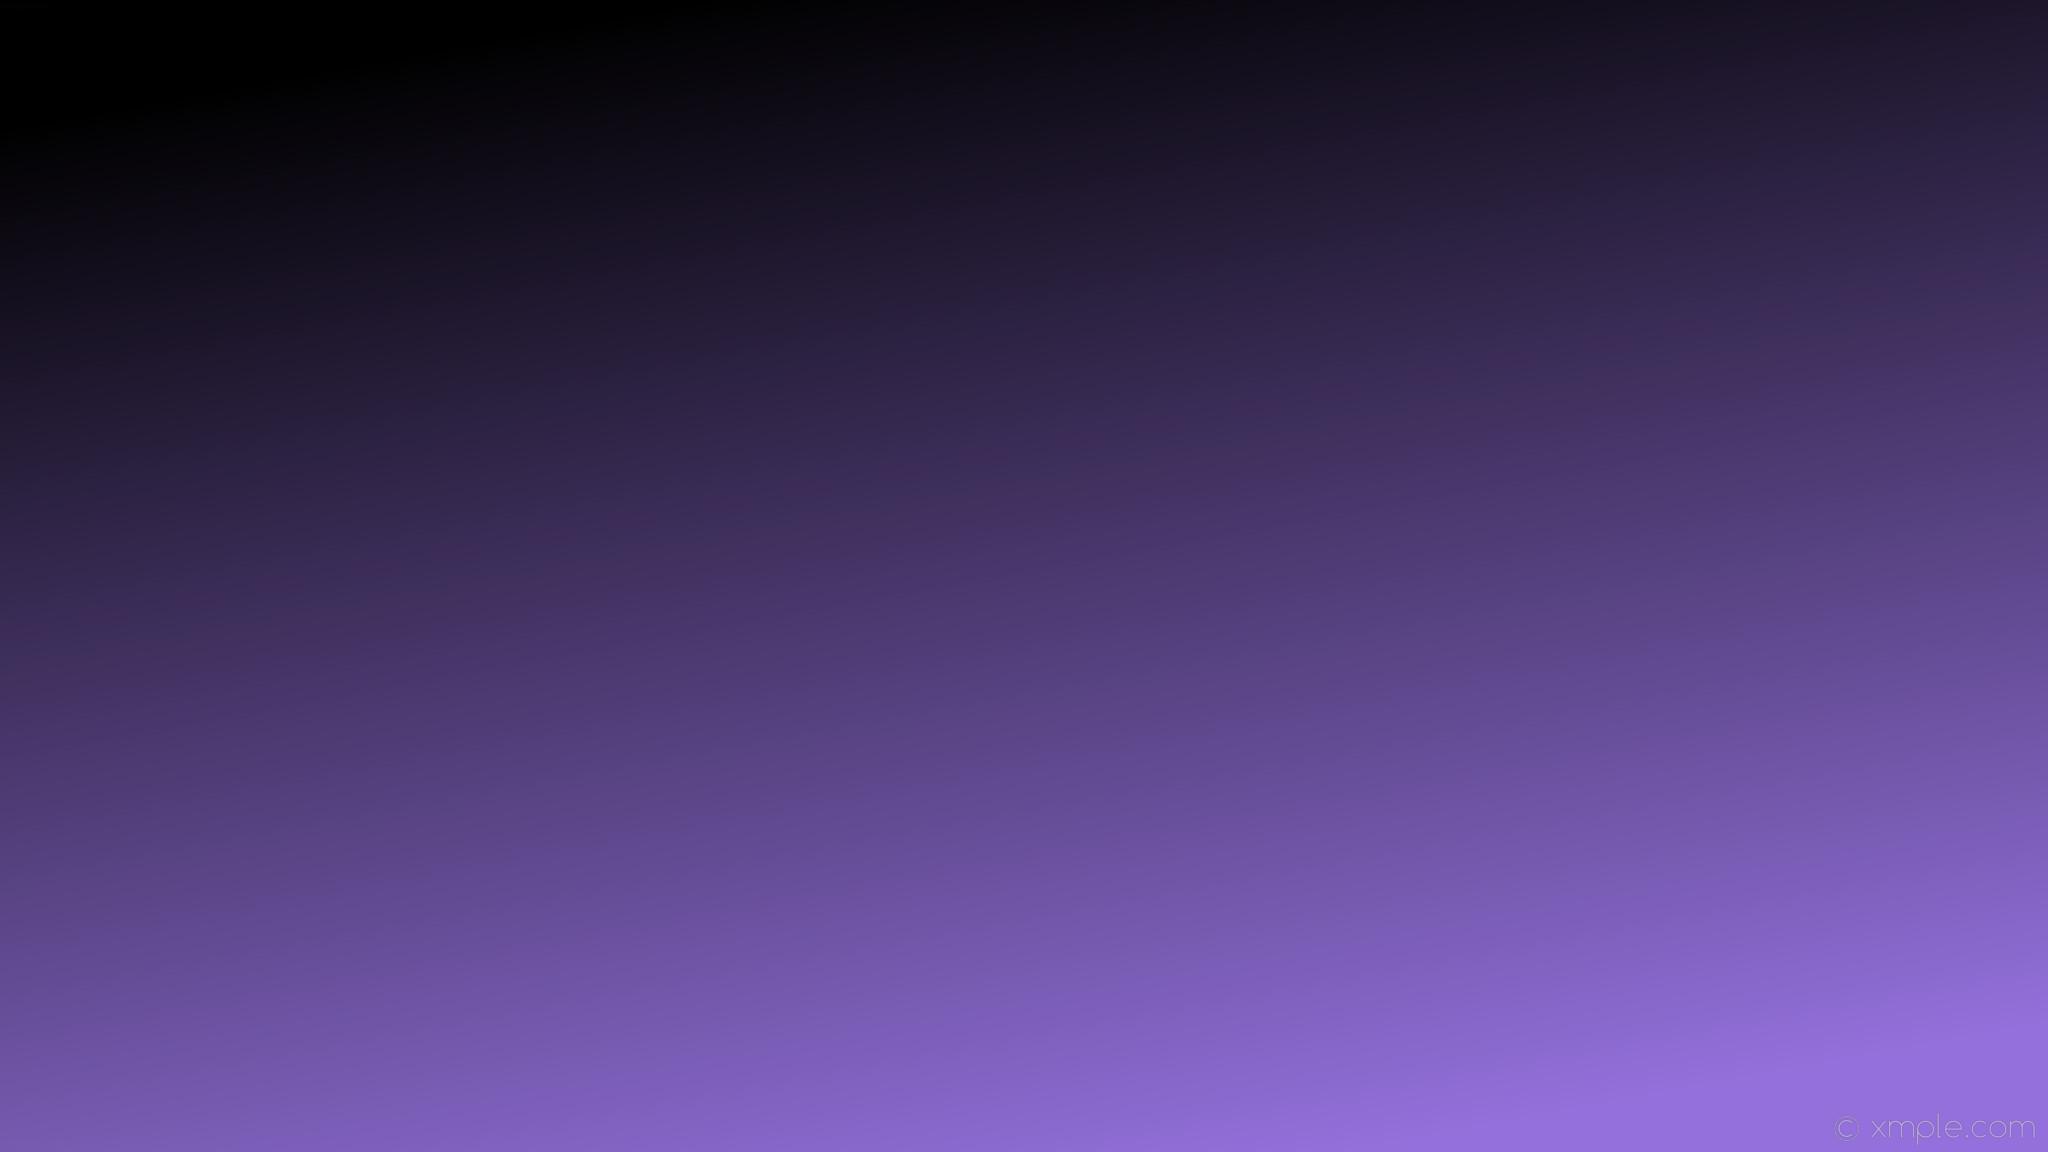 wallpaper black purple gradient linear medium purple #000000 #9370db 120°